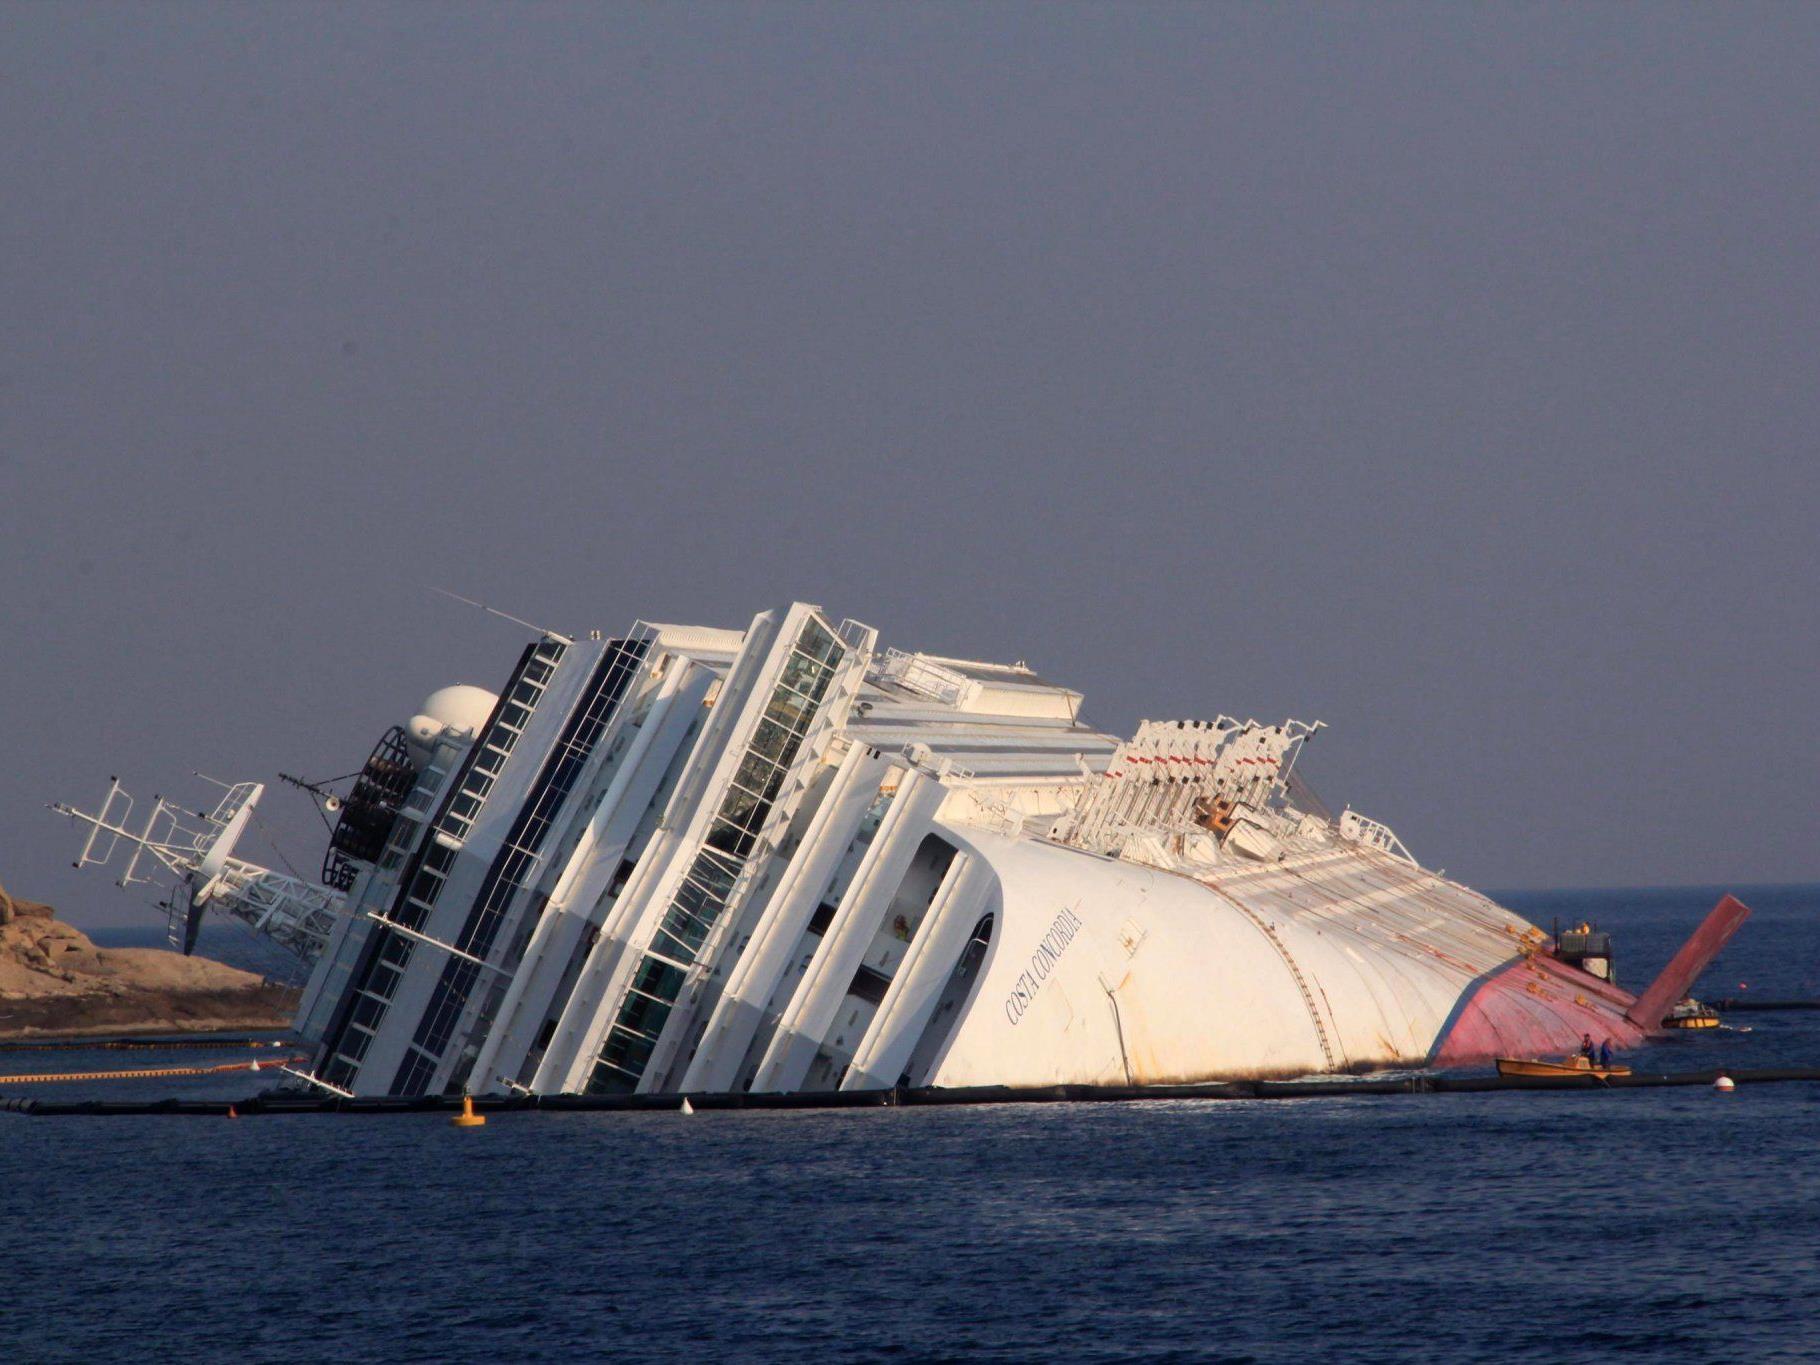 Das havarierte Schiff ist mittlerweile zu einer Touristenattraktion avanciert.